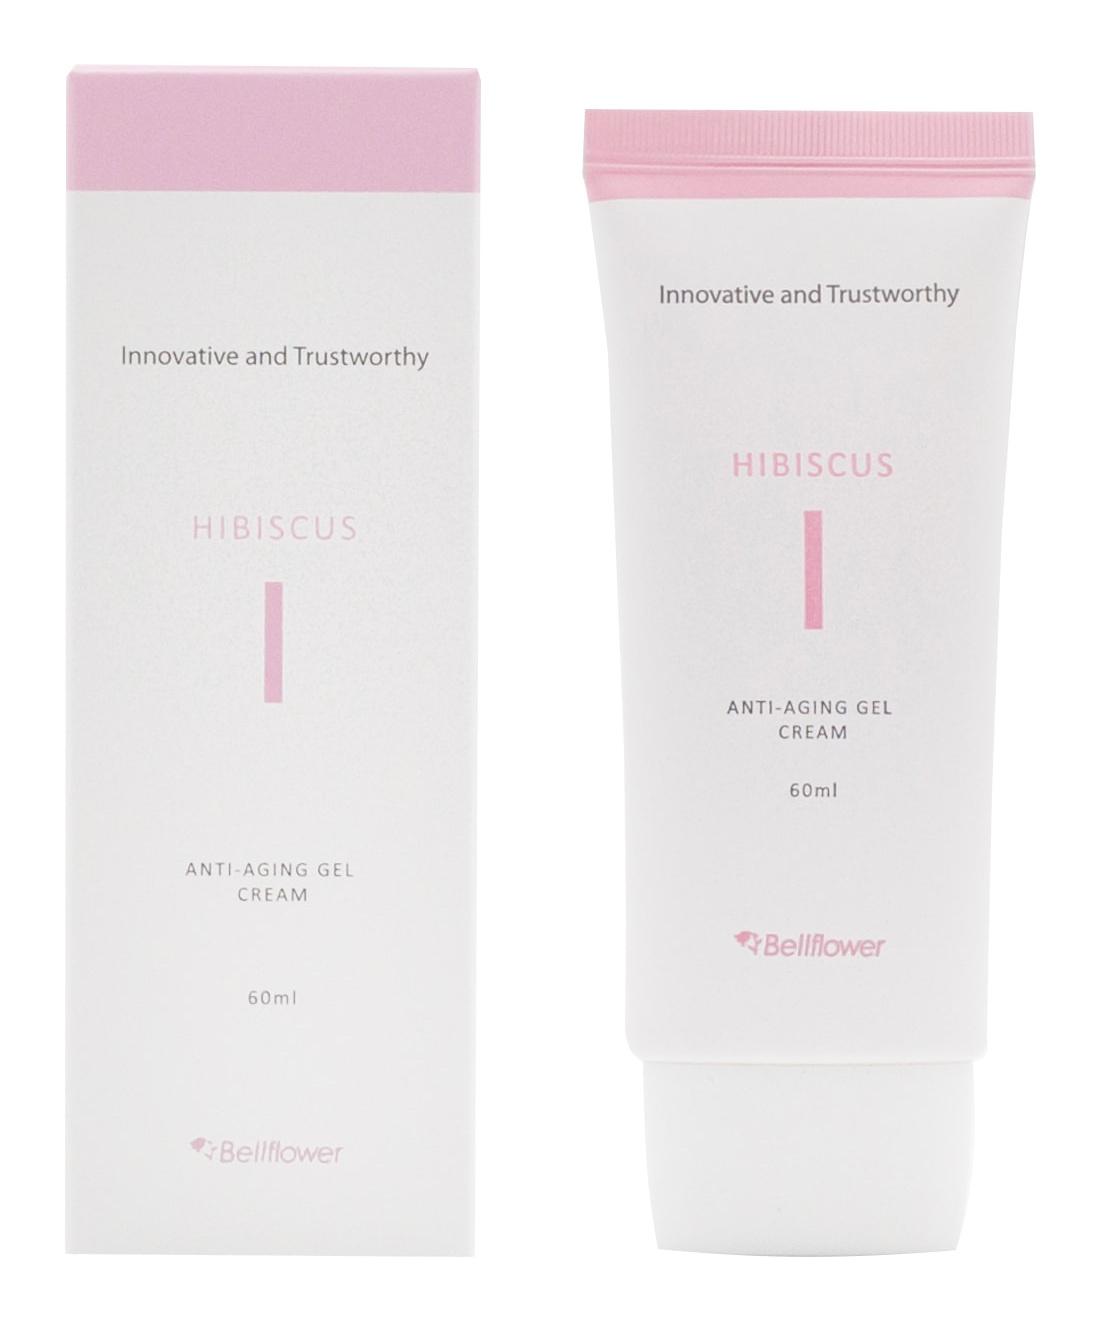 Bellflower Hibiscus Anti-Aging Gel Cream